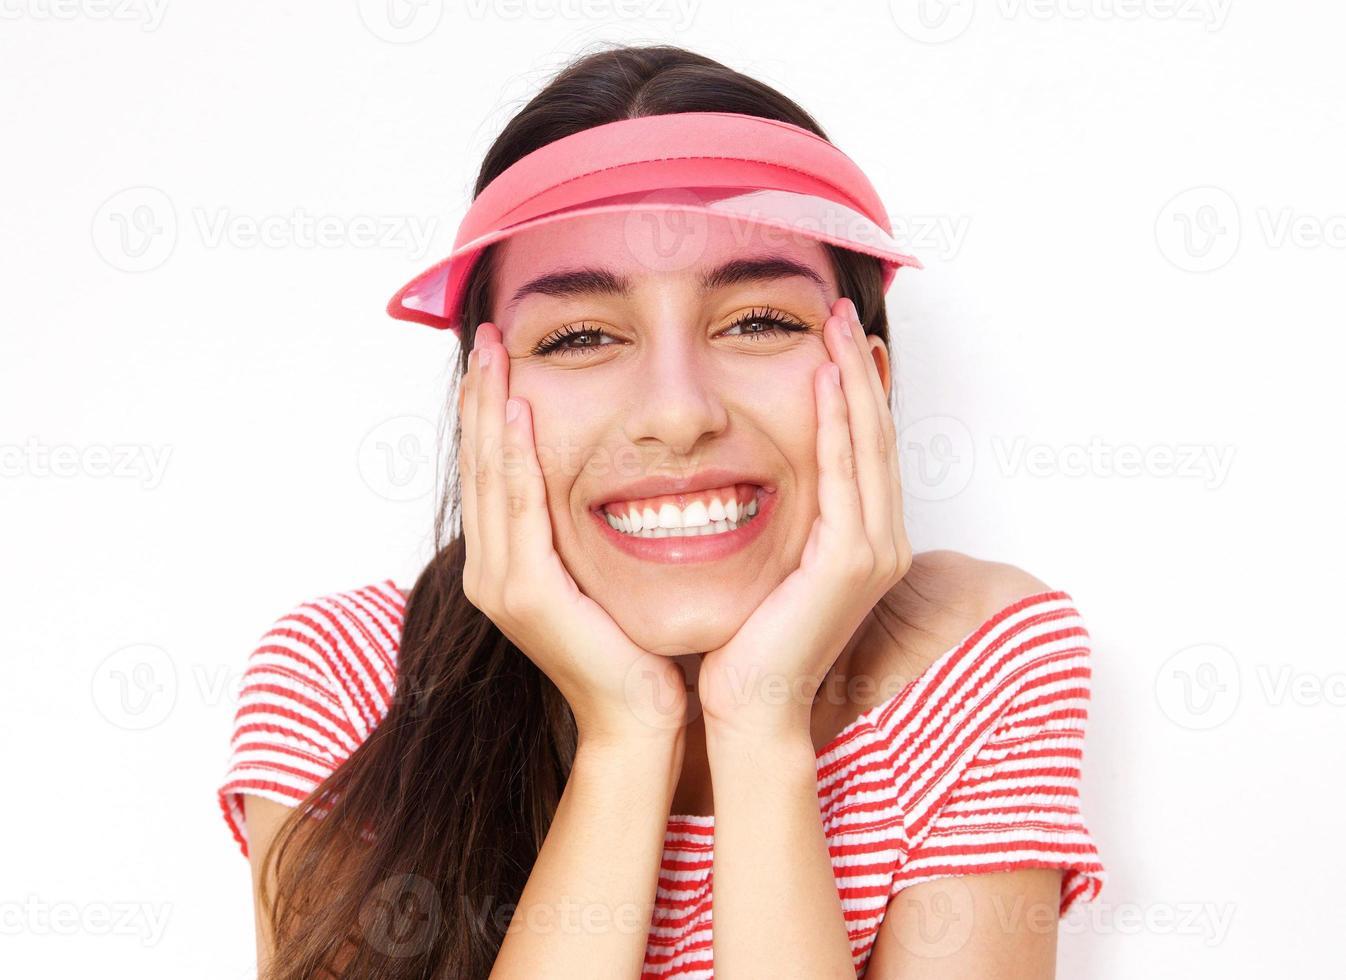 süße junge Frau, die mit Händen auf Wange lächelt foto